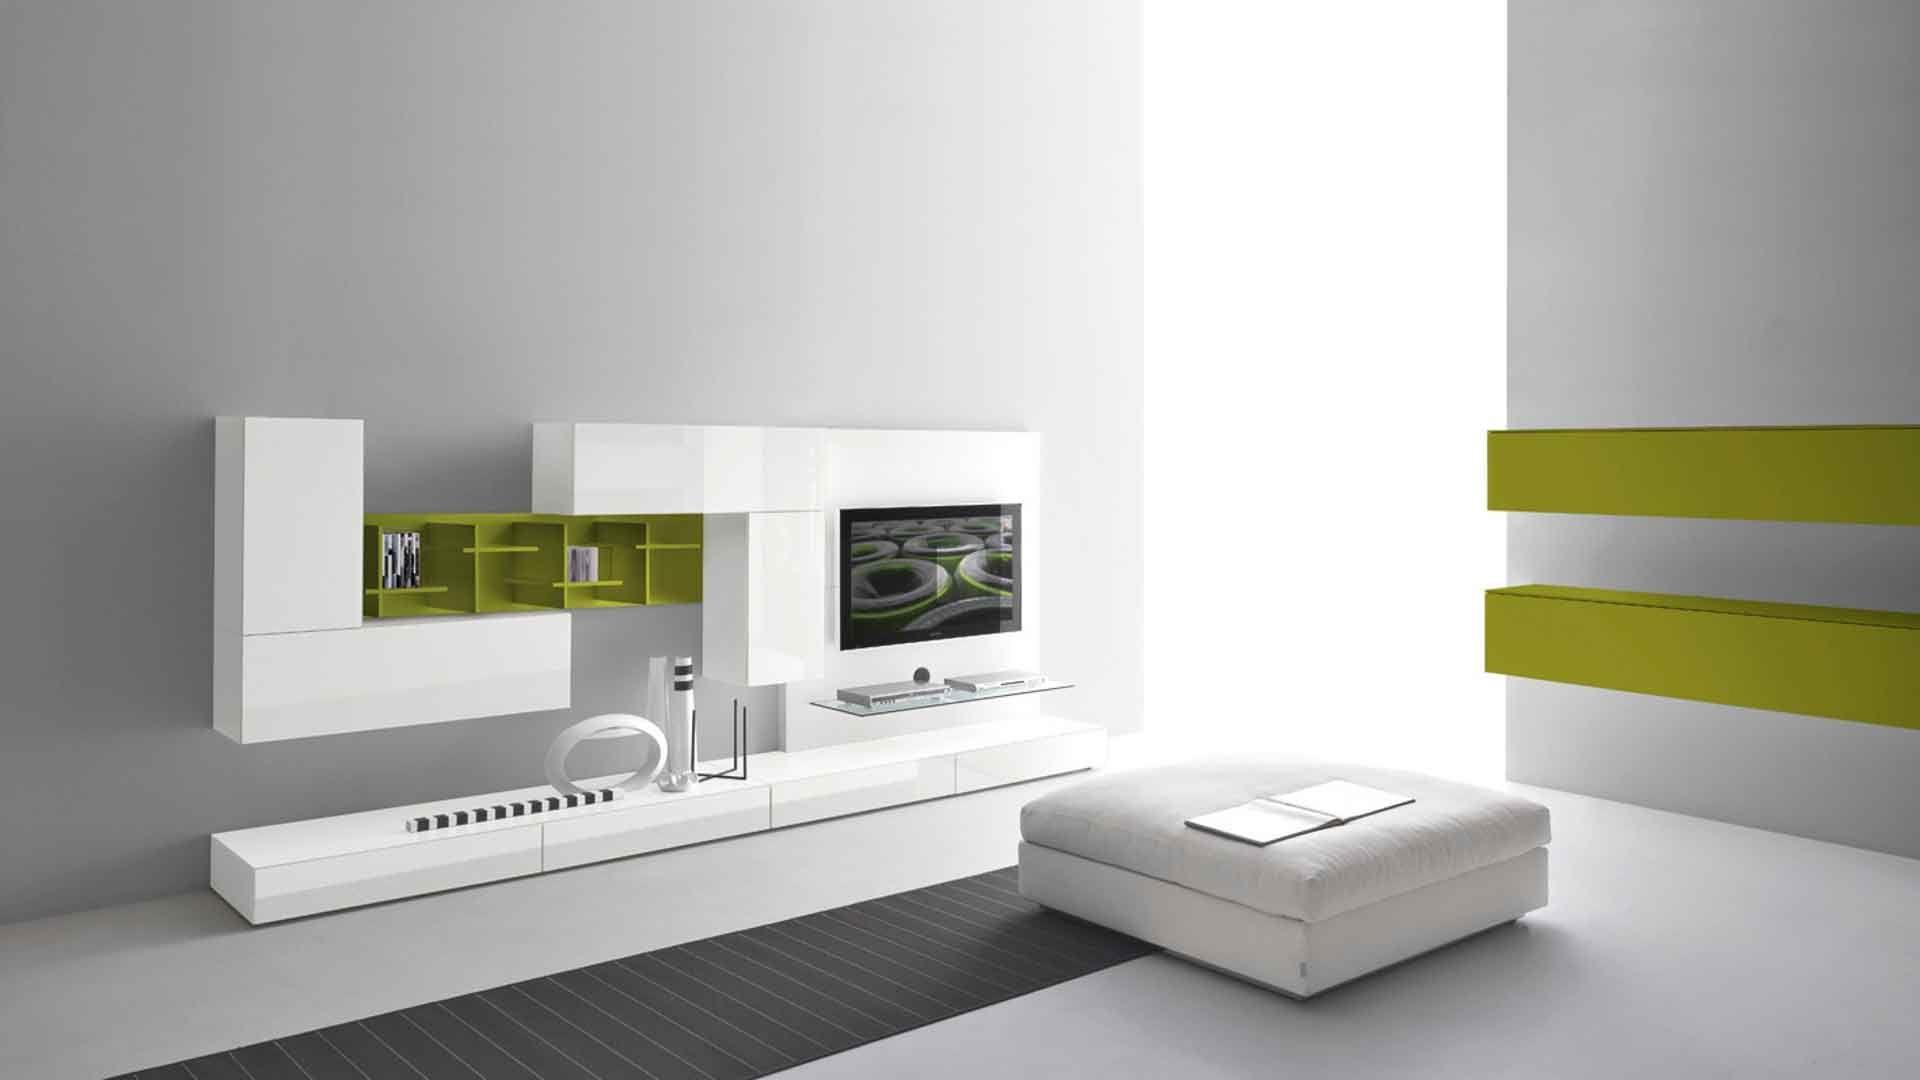 soggiorno moderno con camino ad angolo: arredo camino: arredamento ... - Immagini Soggiorno Moderno Con Camino 2